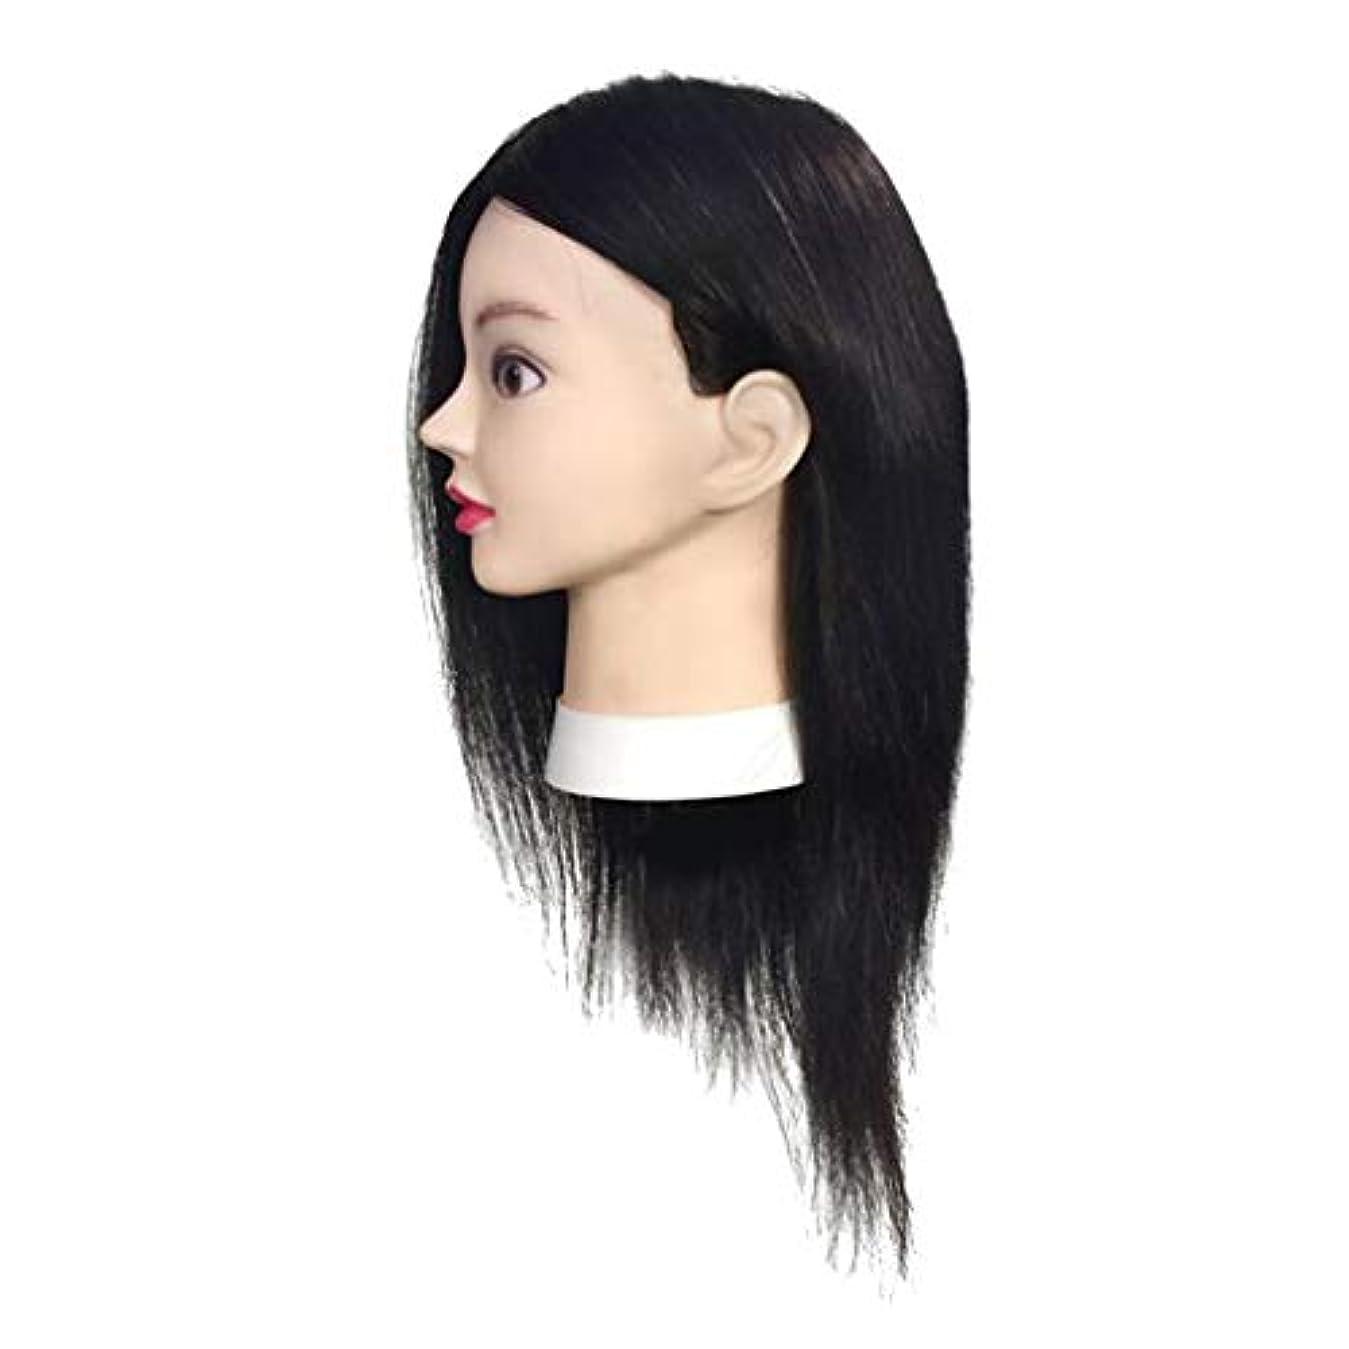 銀味付けオーナメントCUTICATE マネキンヘッド ウィッグ 編み込み練習用 練習用 美容師 理髪店 美容院 サロン